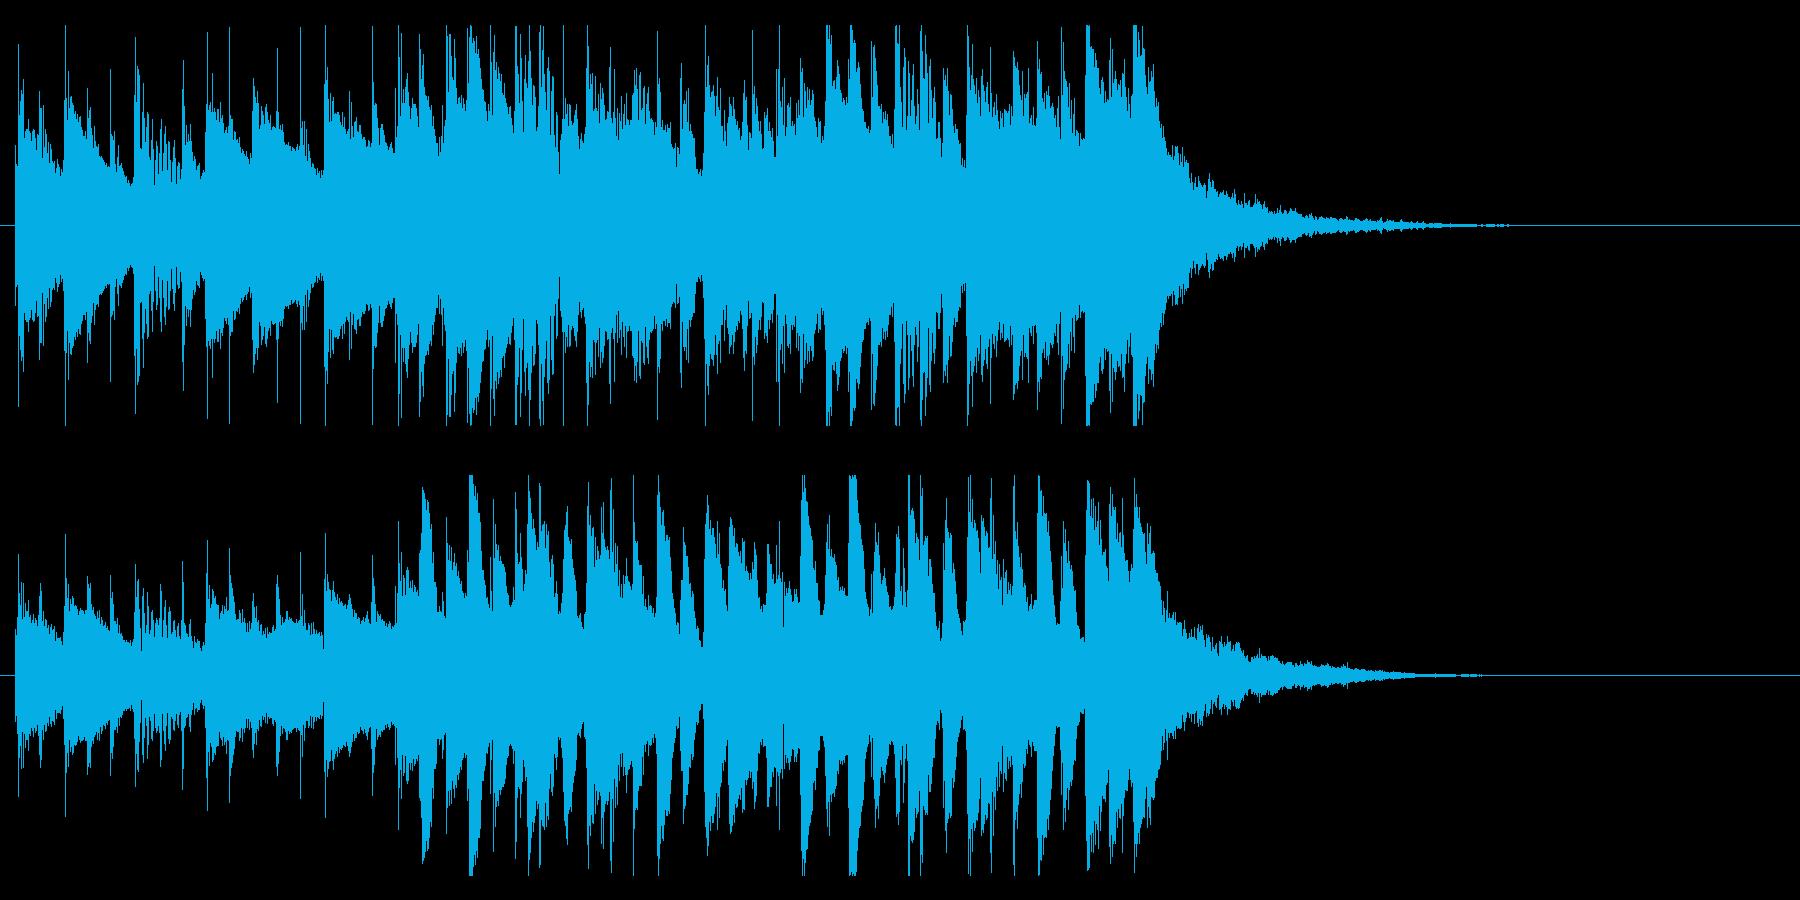 オープニングジングル映像向わくわくピアノの再生済みの波形